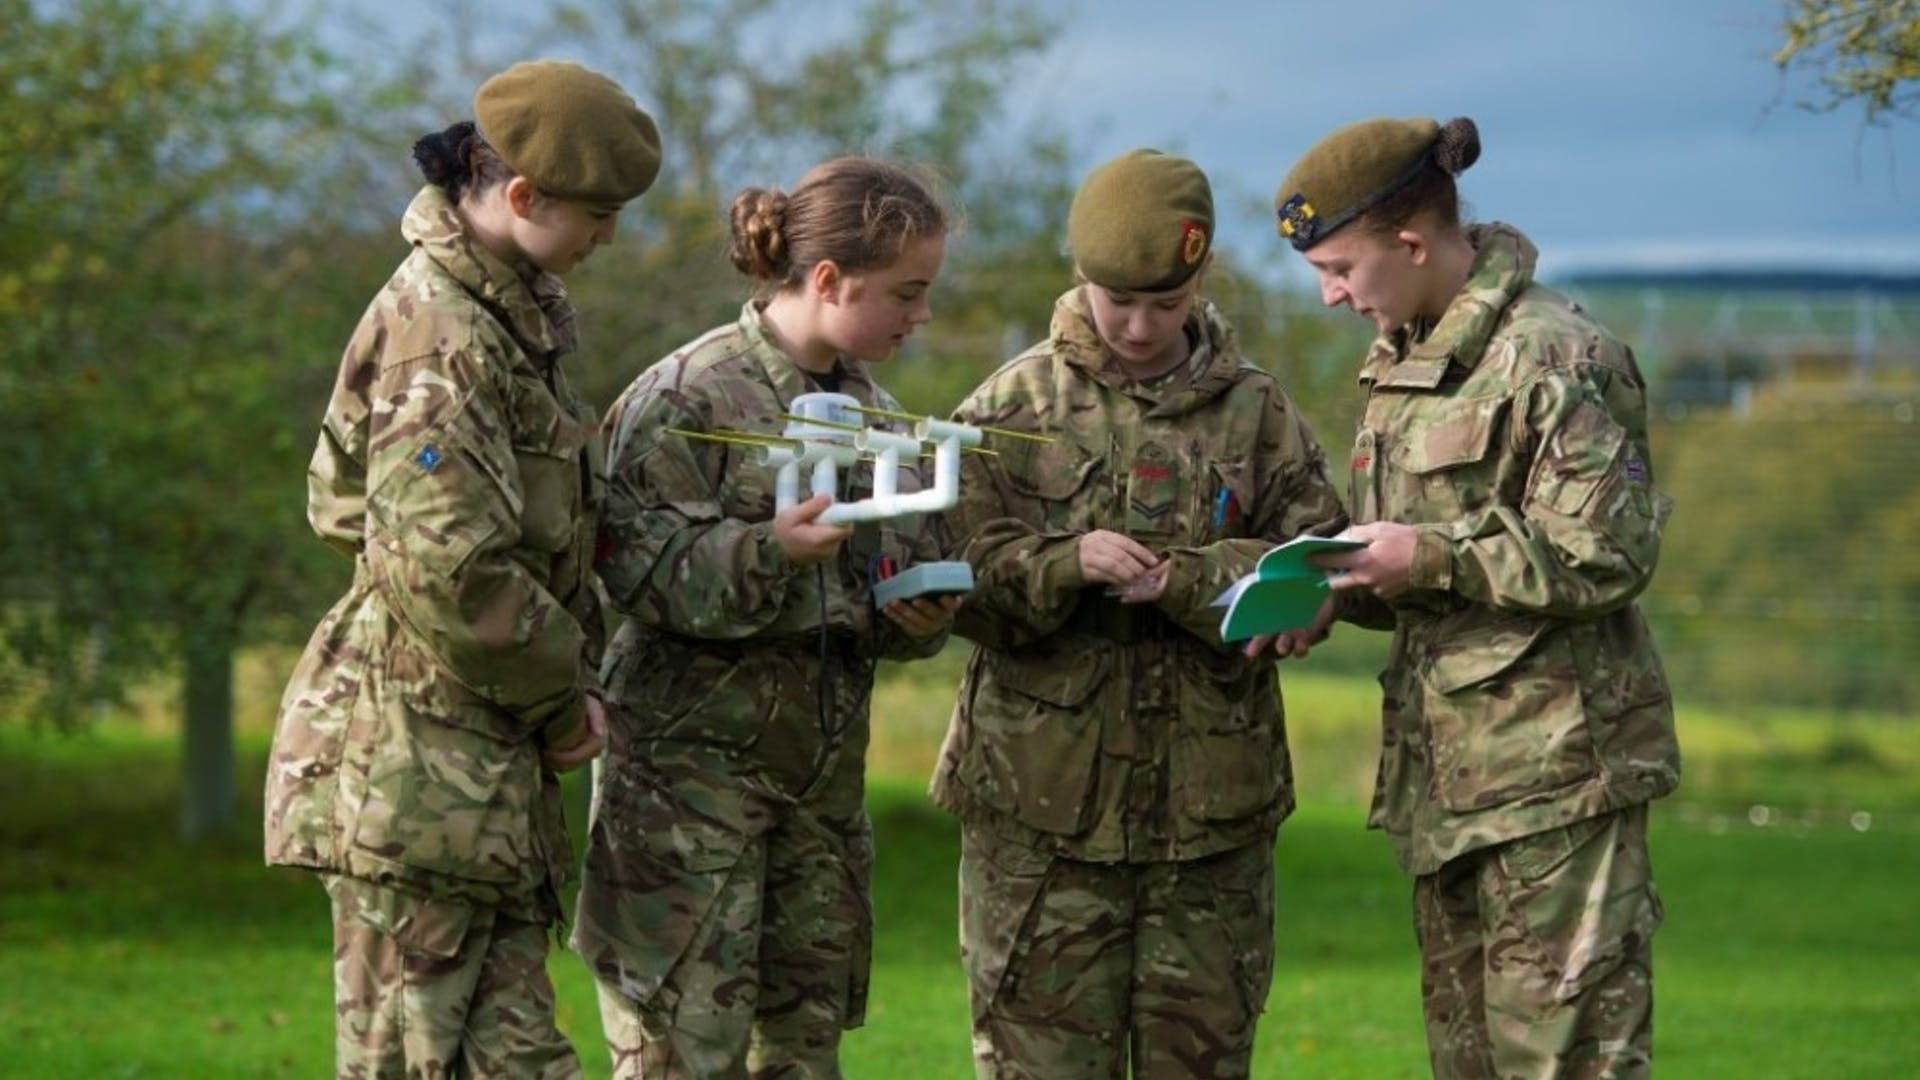 Cadetsstemcamp47 lowres